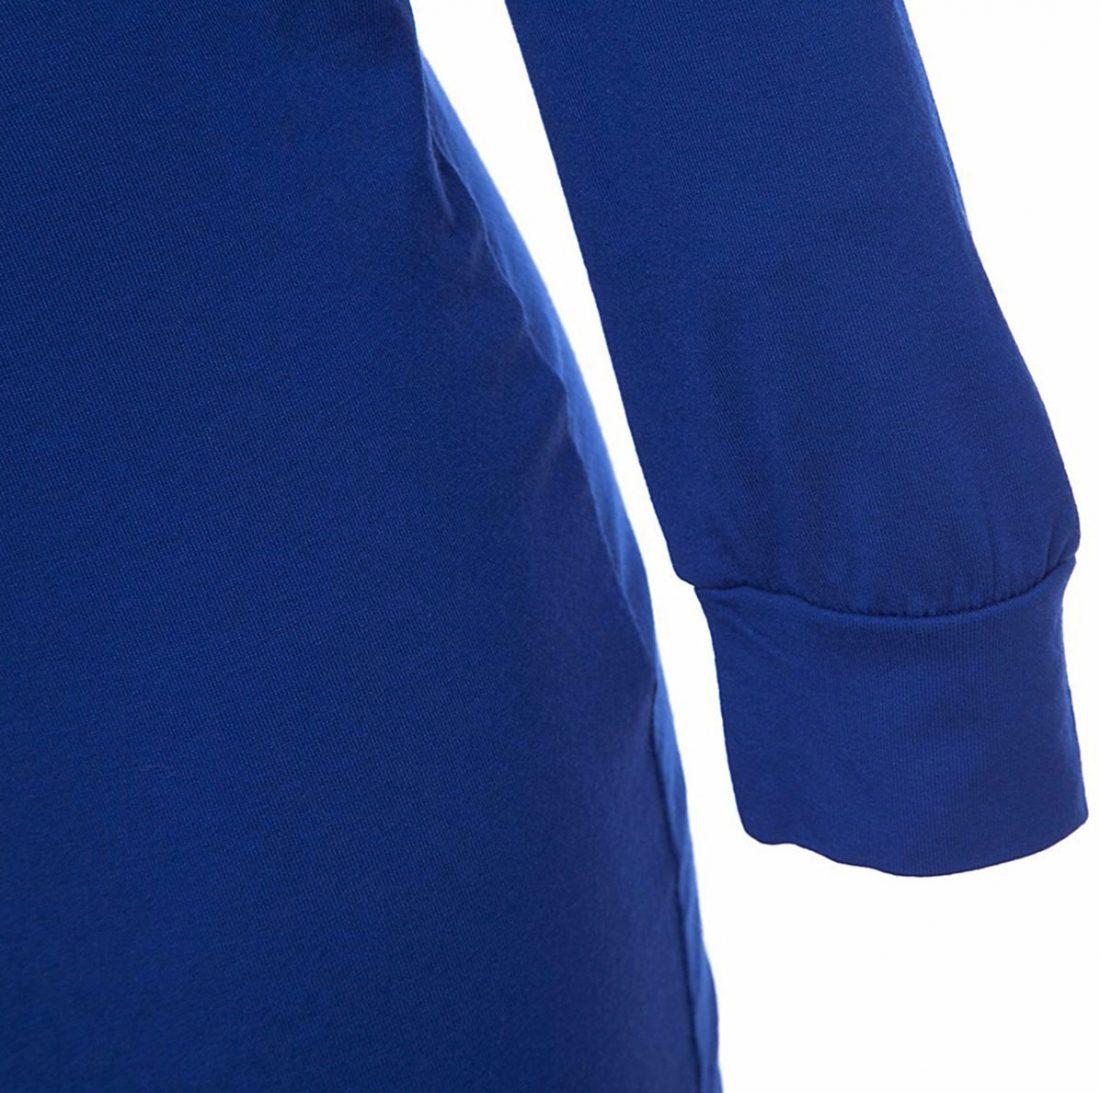 M0181 blue9 Two Piece Sets Dresses maureens.com boutique